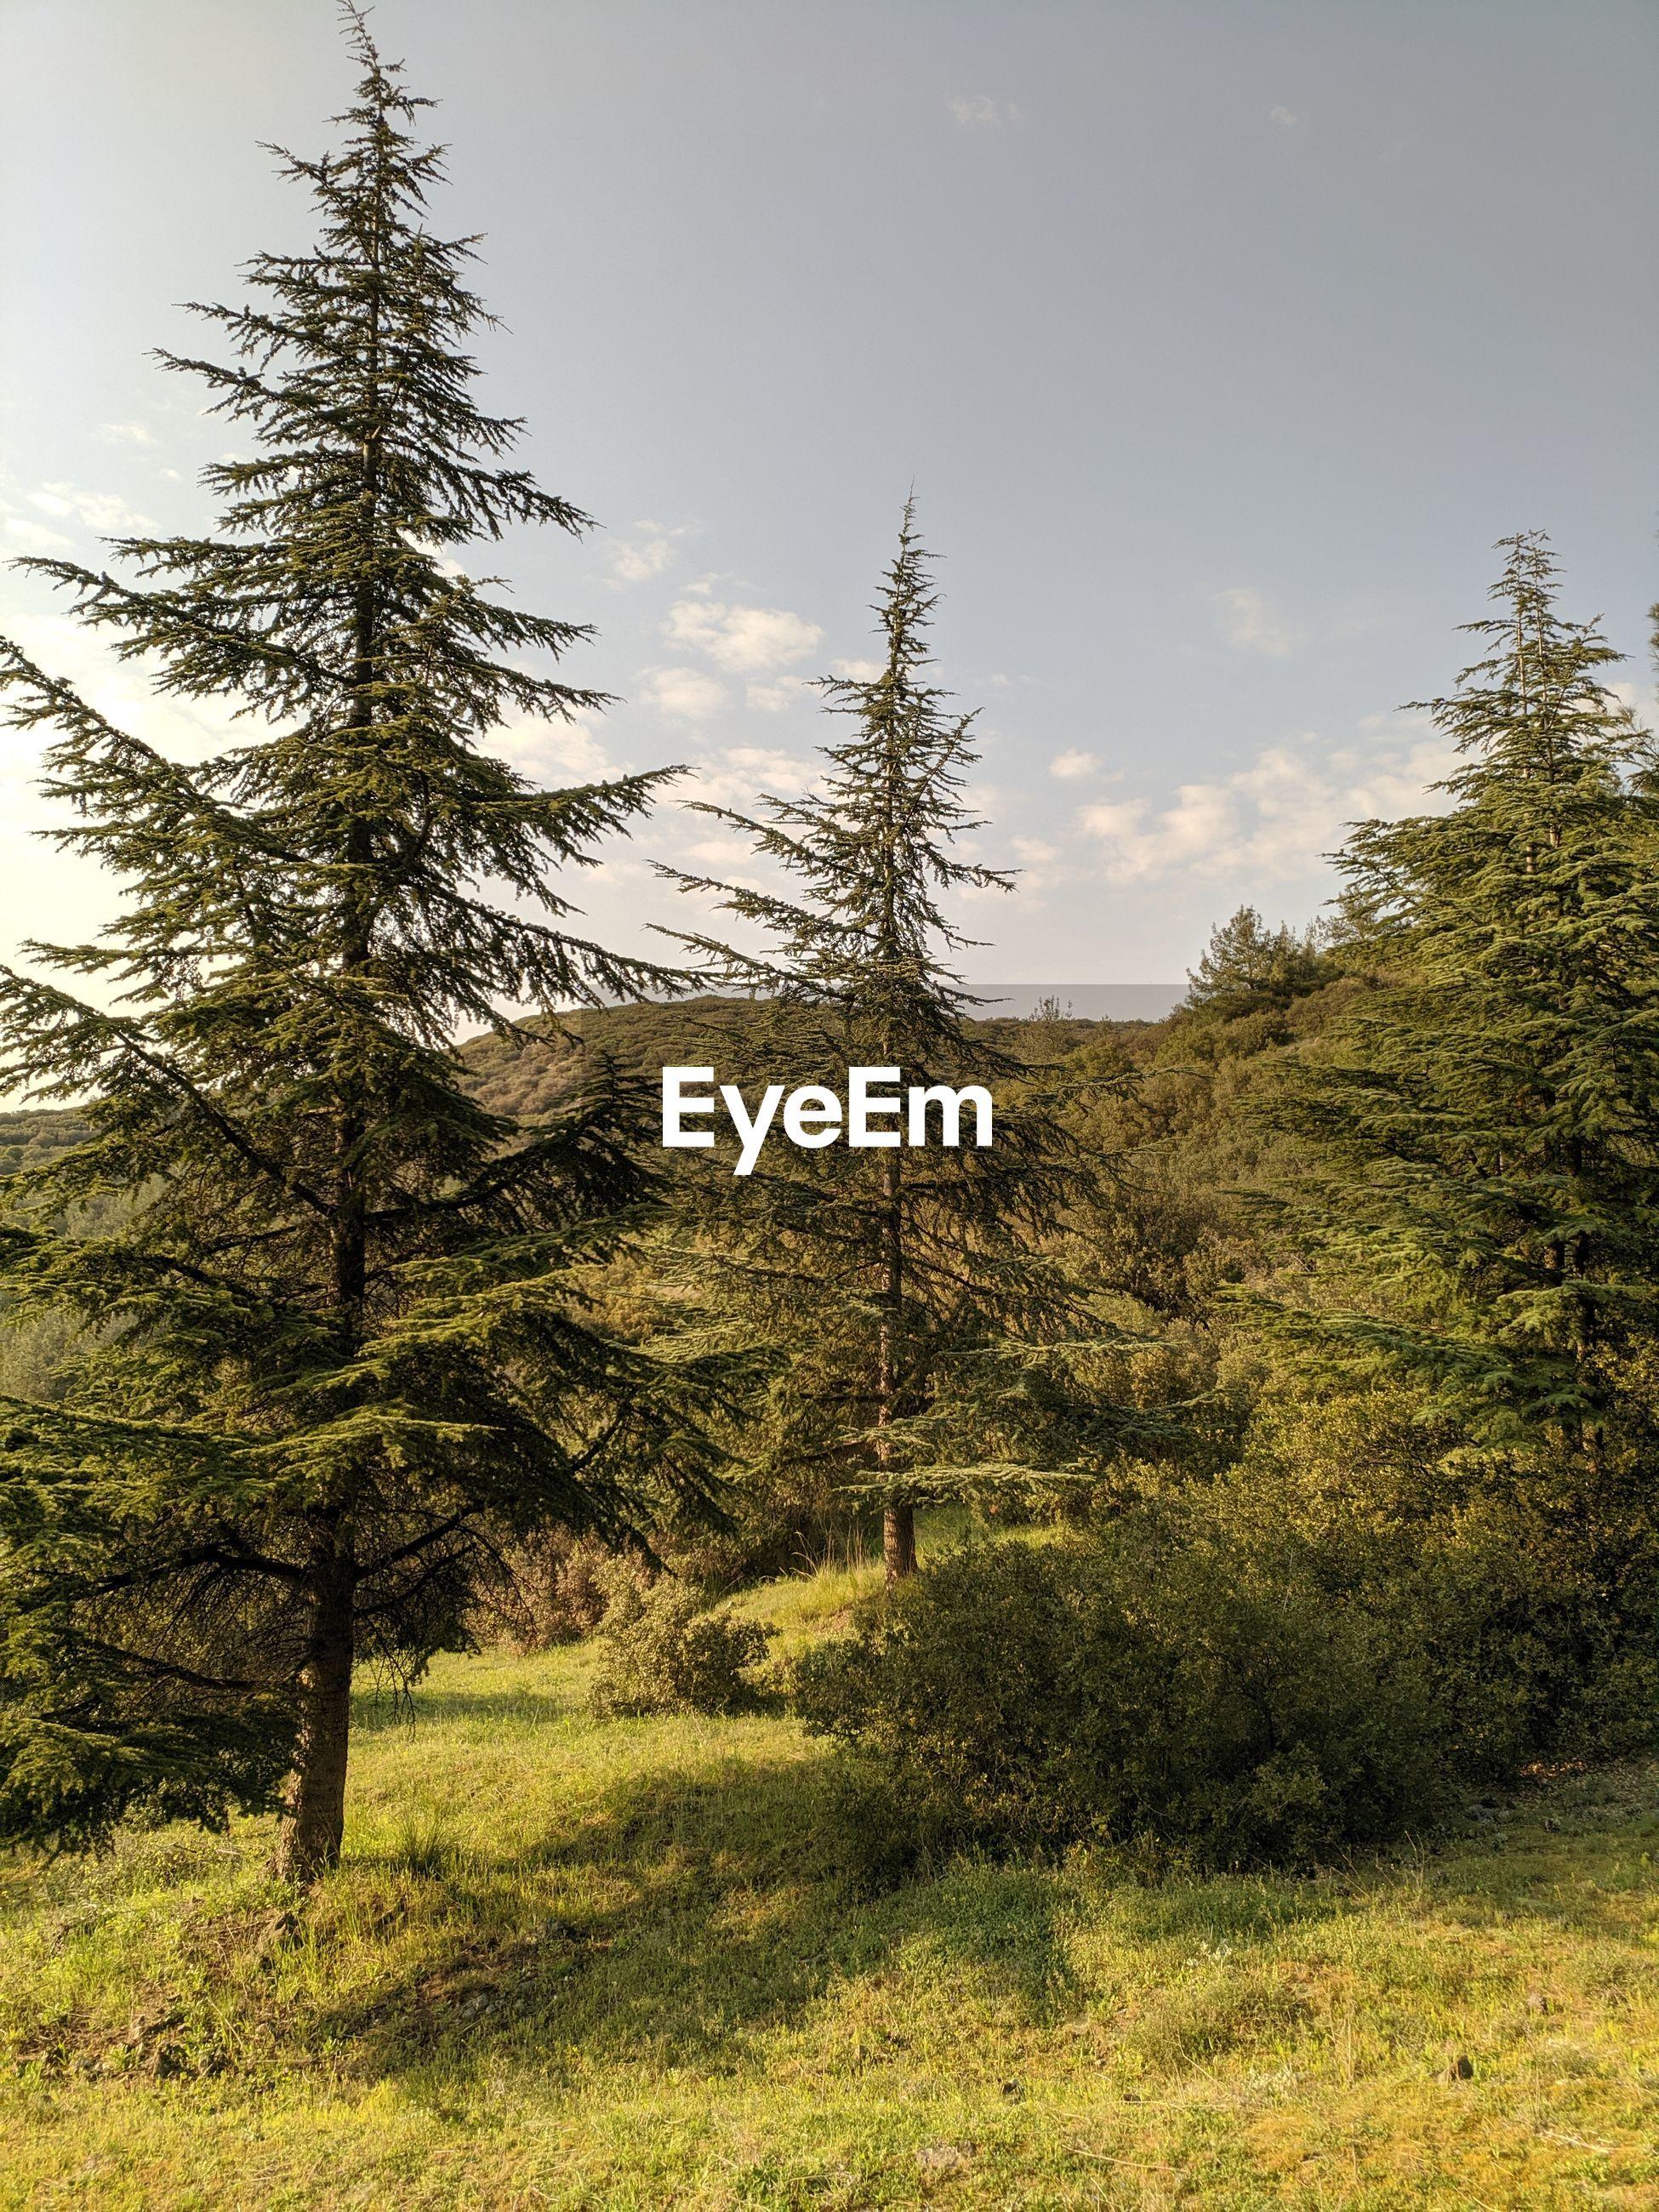 PINE TREES IN FIELD